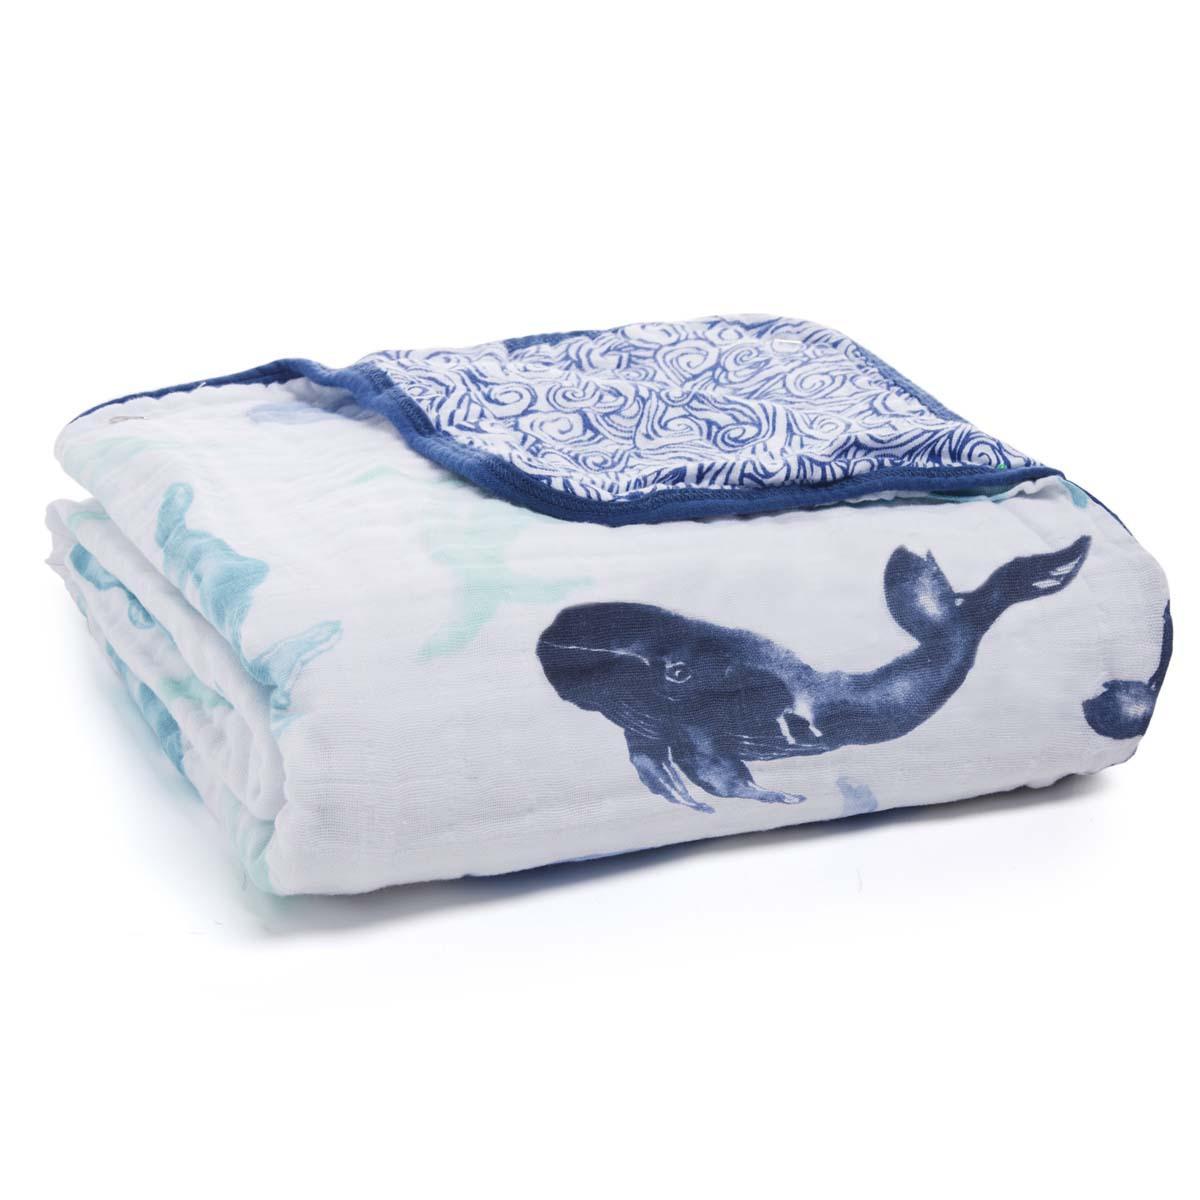 Linge de lit Couverture de Rêve - Seafaring Whales Couverture de Rêve - Seafaring Whales